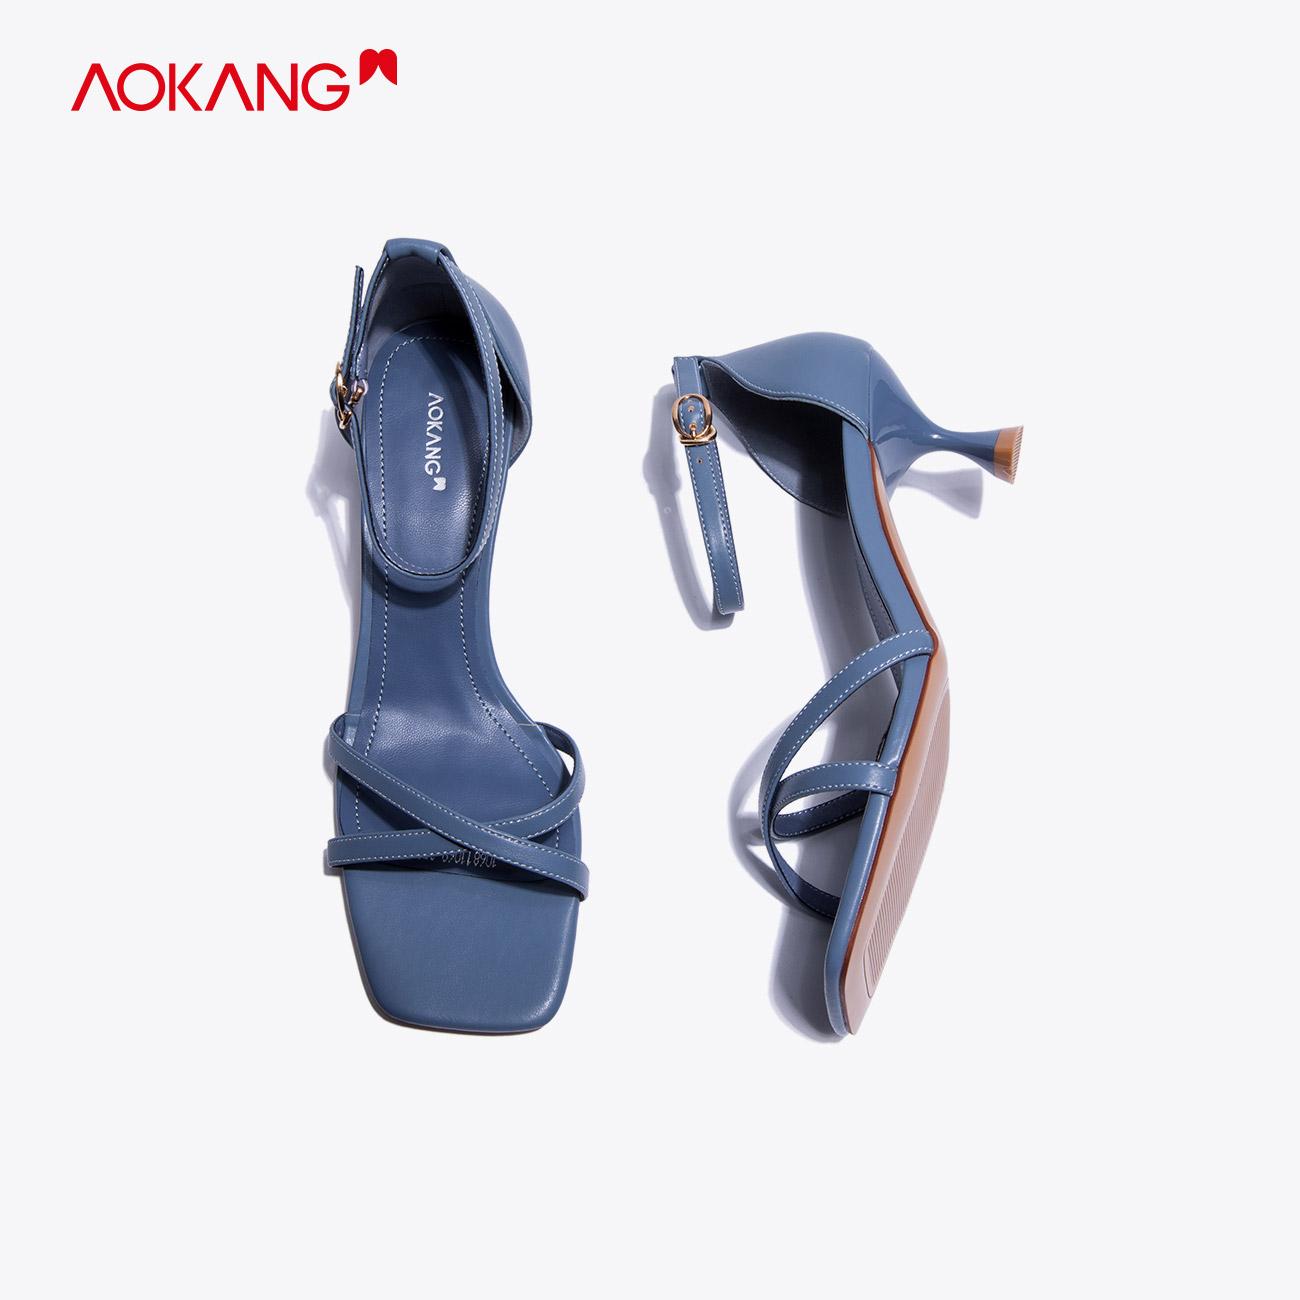 奥康女鞋 2020夏季新款时尚方头欧美气质高跟凉鞋仙女一字扣带